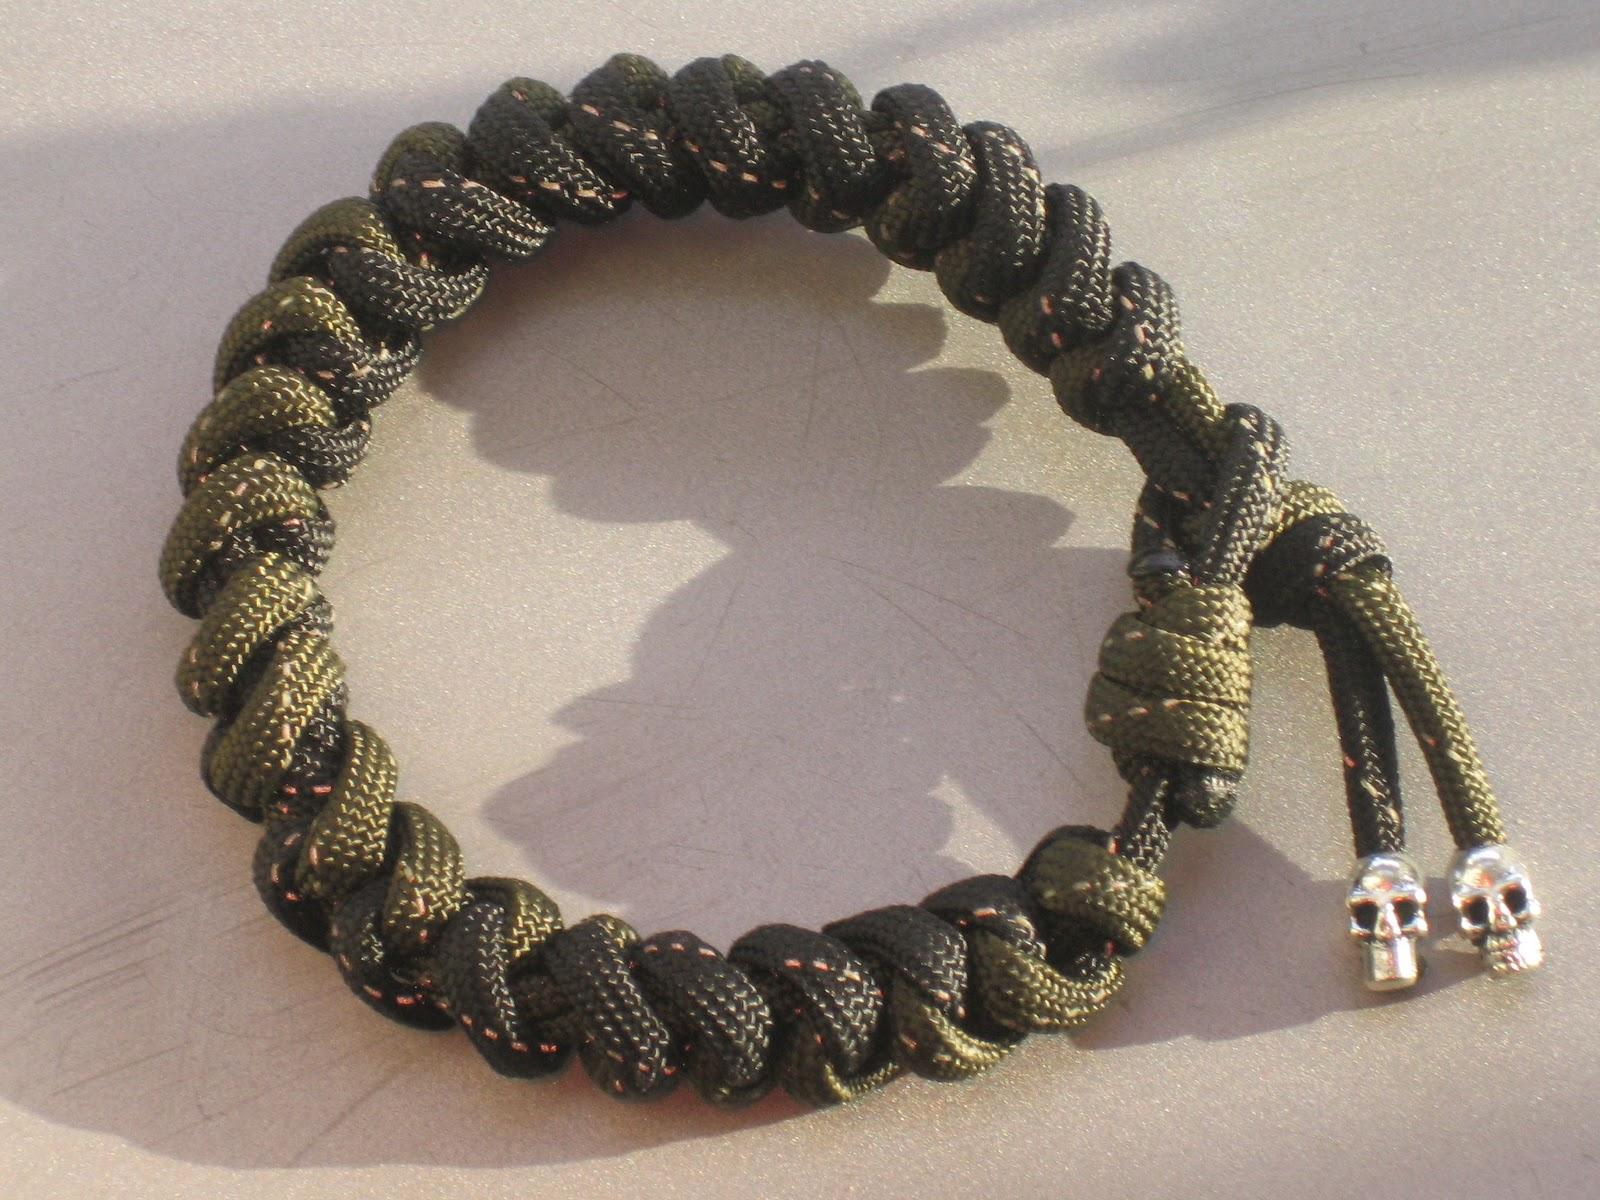 everything paracord uk thai roper snake weave bracelet